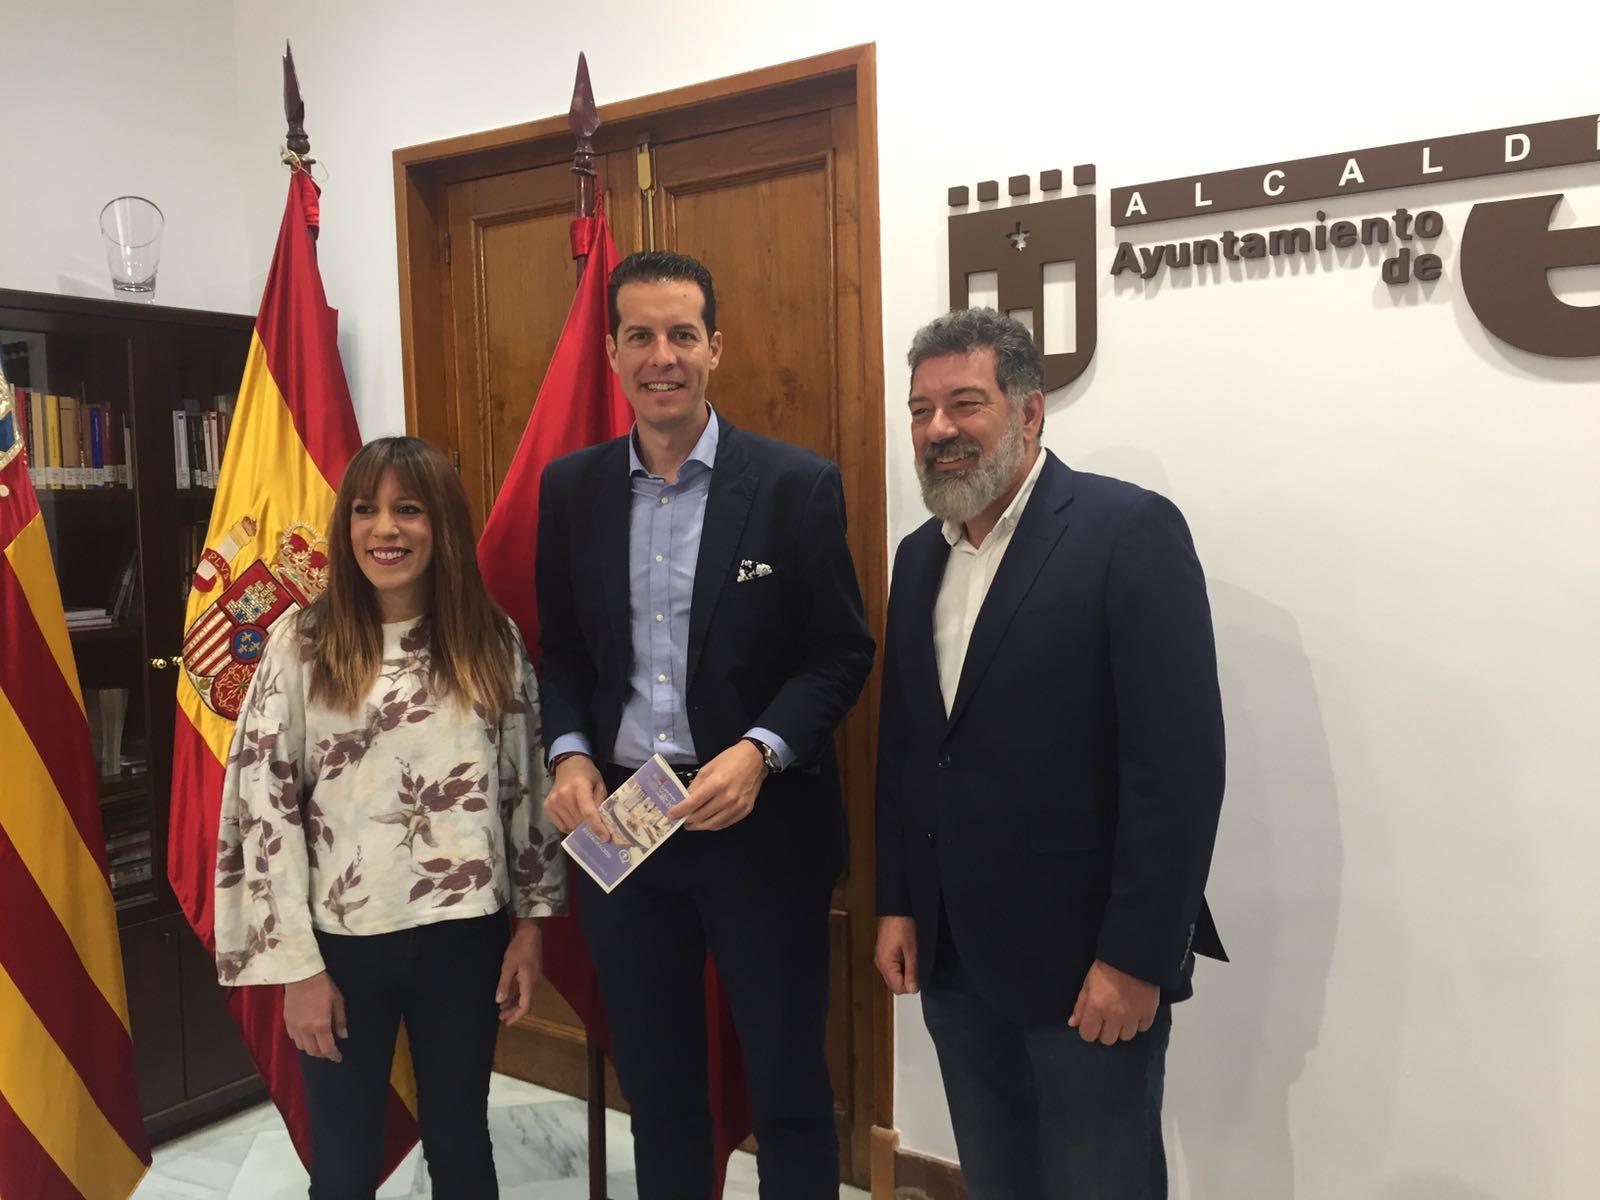 CICLO COCINA Y RESTAURACION VALLE DE ELDA (2)